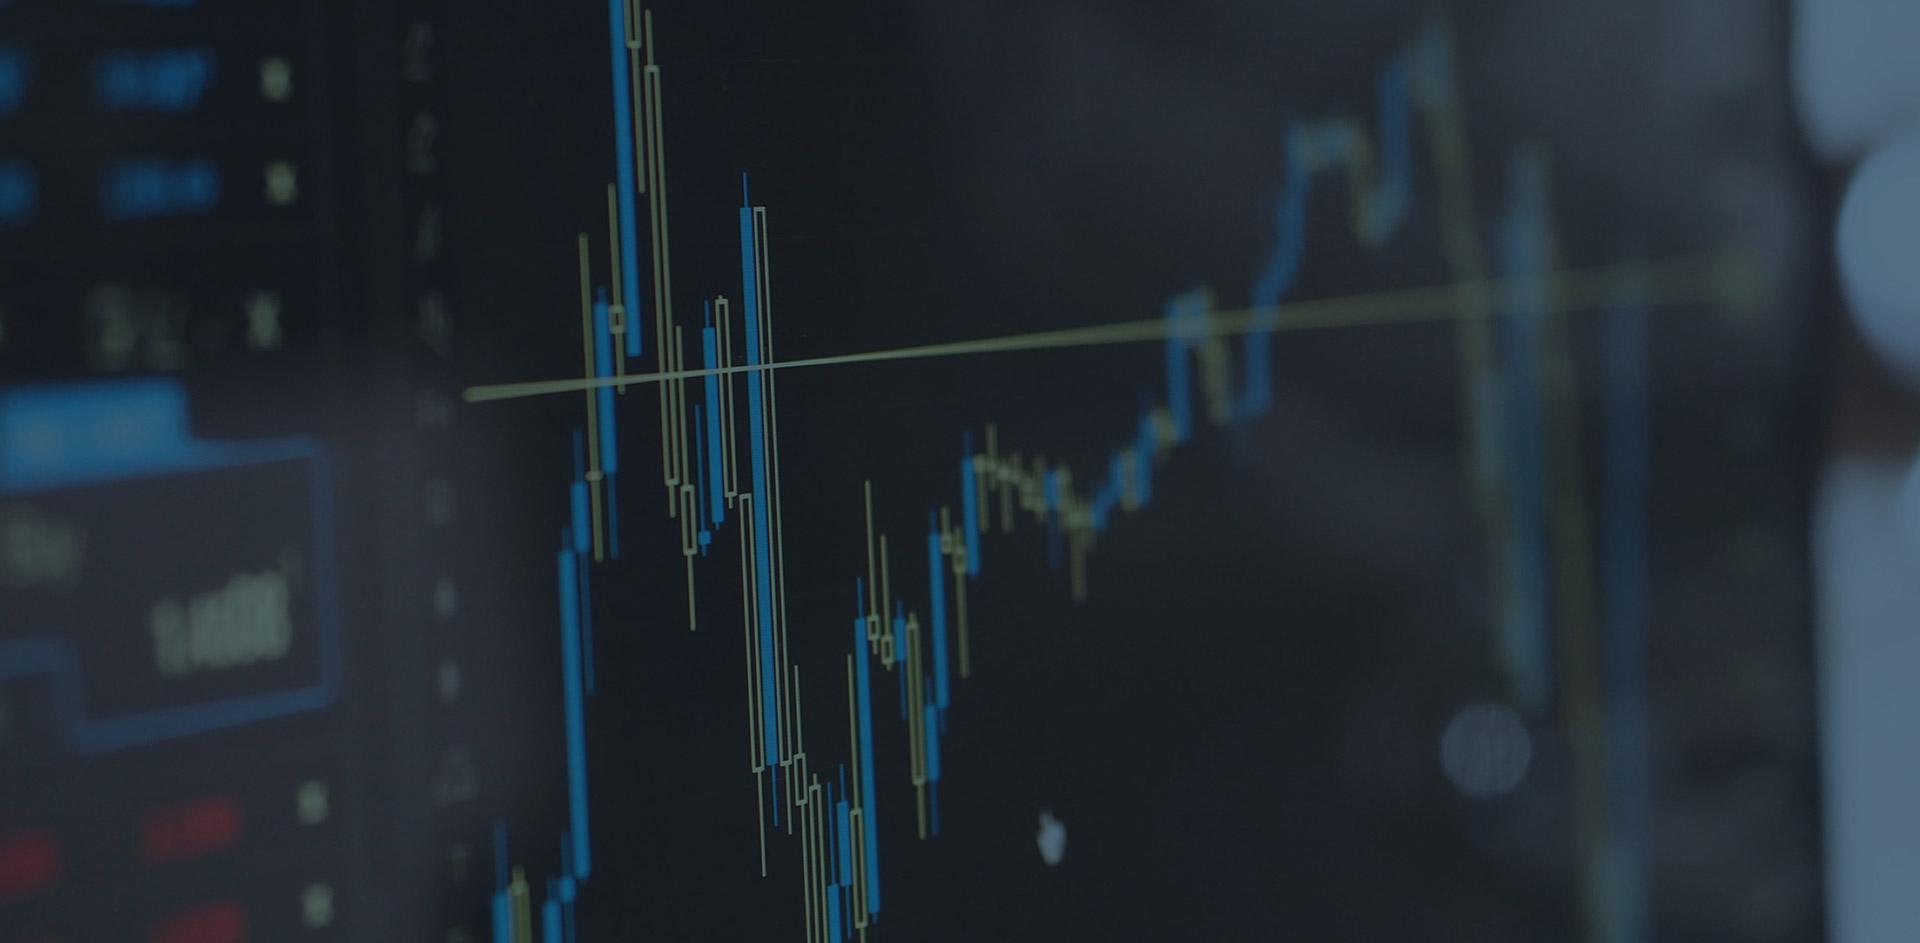 Bilanci e Relazioni - Investor Relations